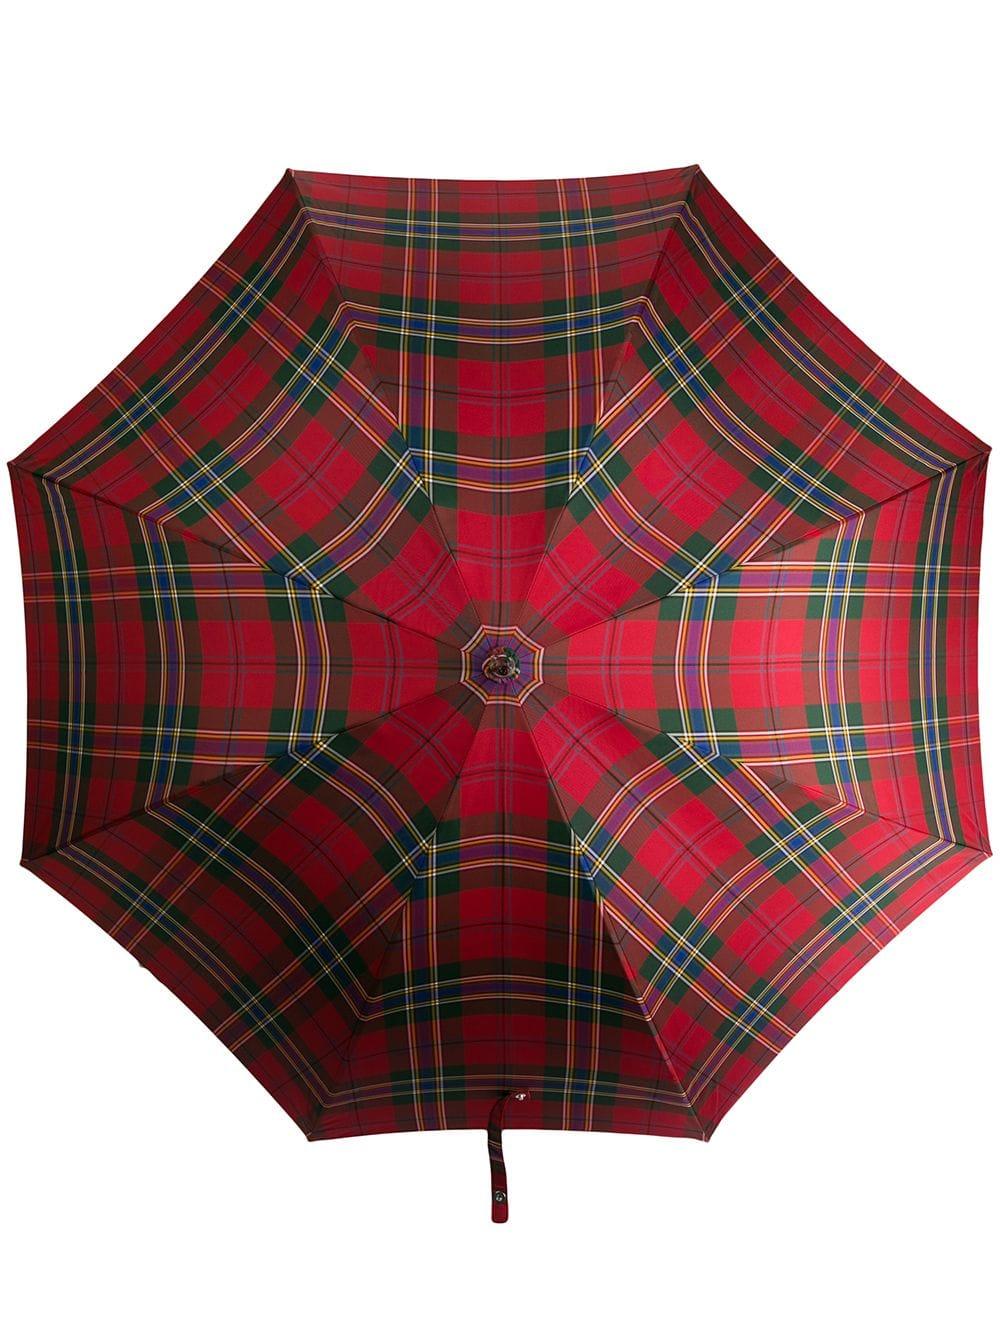 Alexander McQueen Regenschirm mit Schottenkaro - Rot